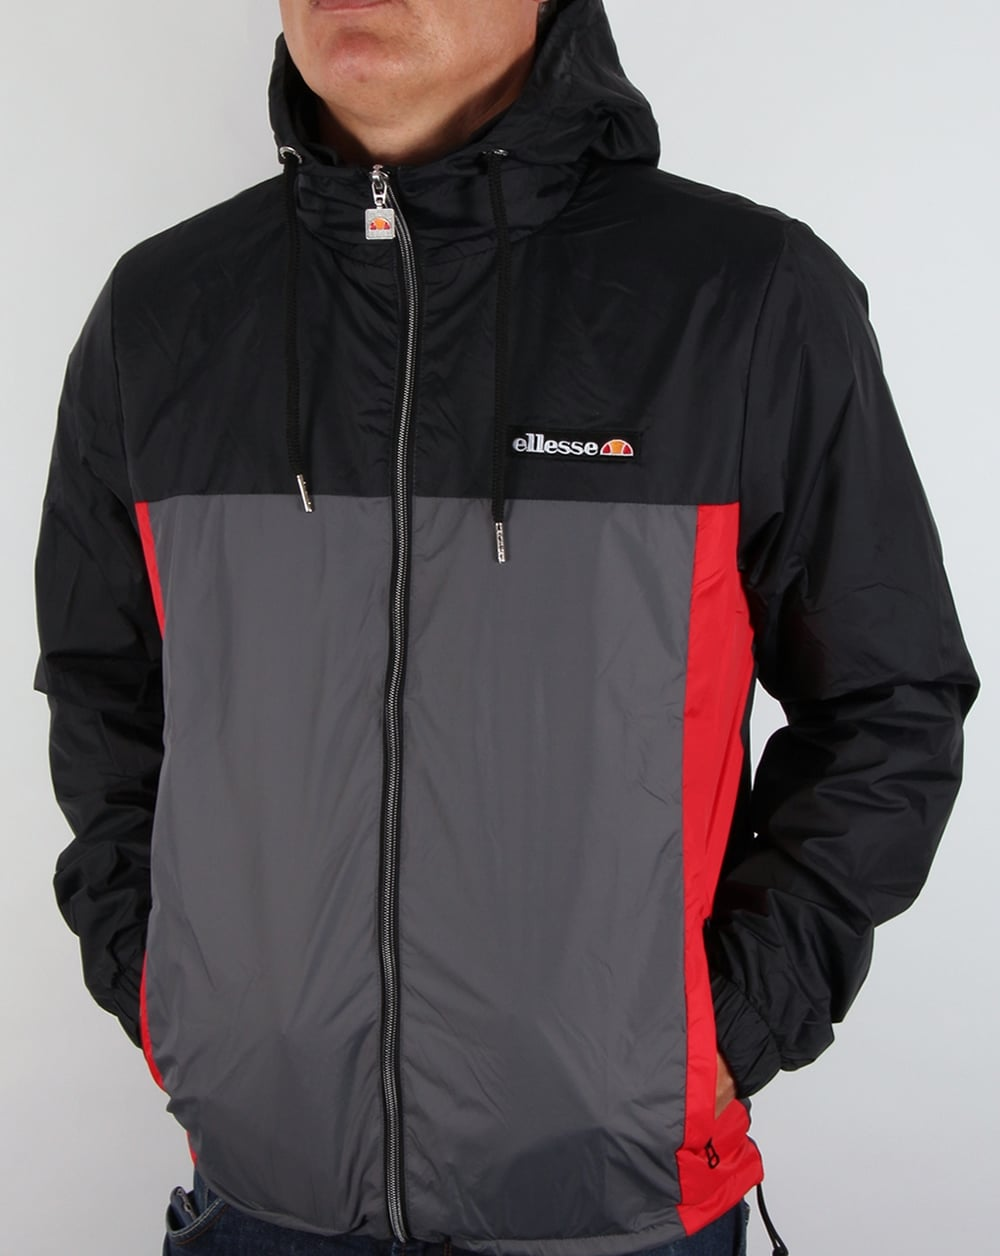 ellesse herens jacket black grey red rain windcheater coat mens. Black Bedroom Furniture Sets. Home Design Ideas